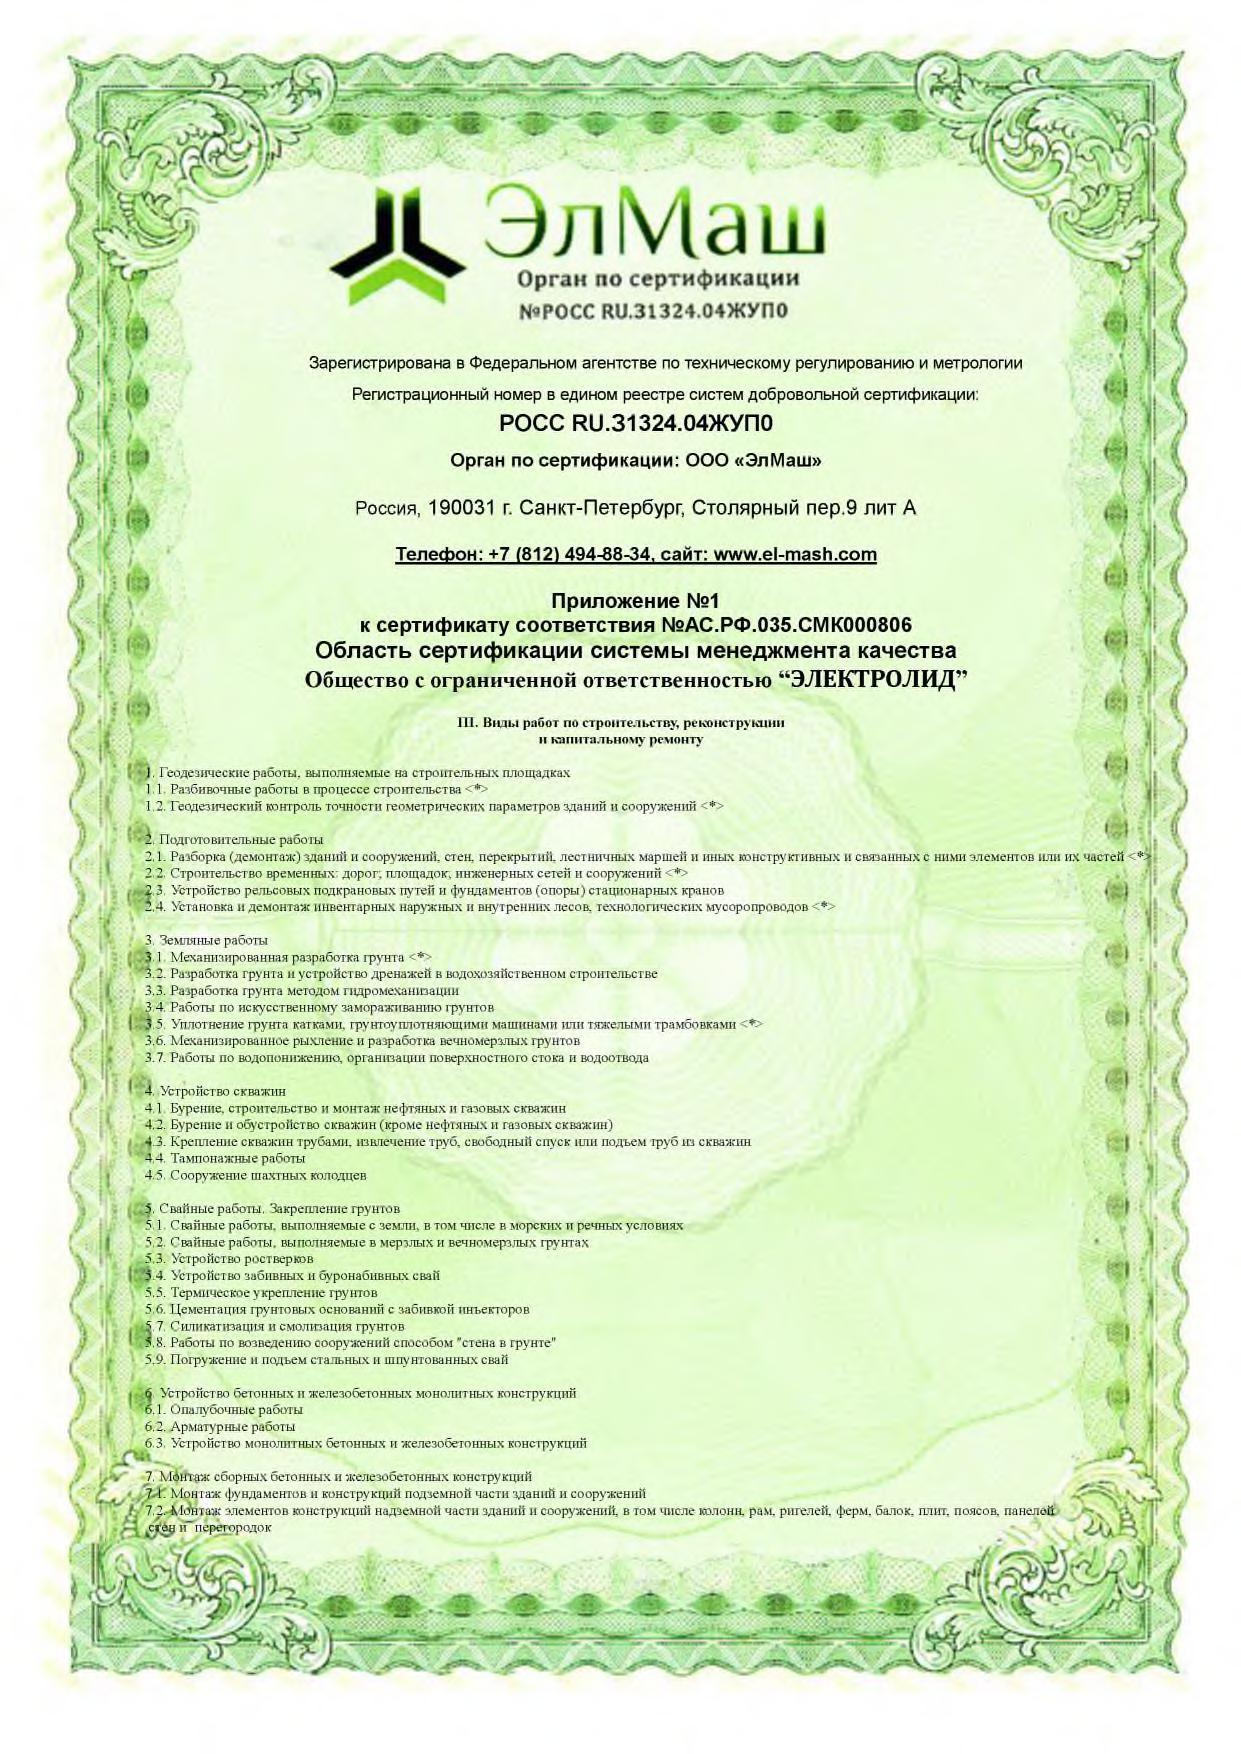 Электролид сертификация менеджмента системы качества Элмаш  Приложение стр 1